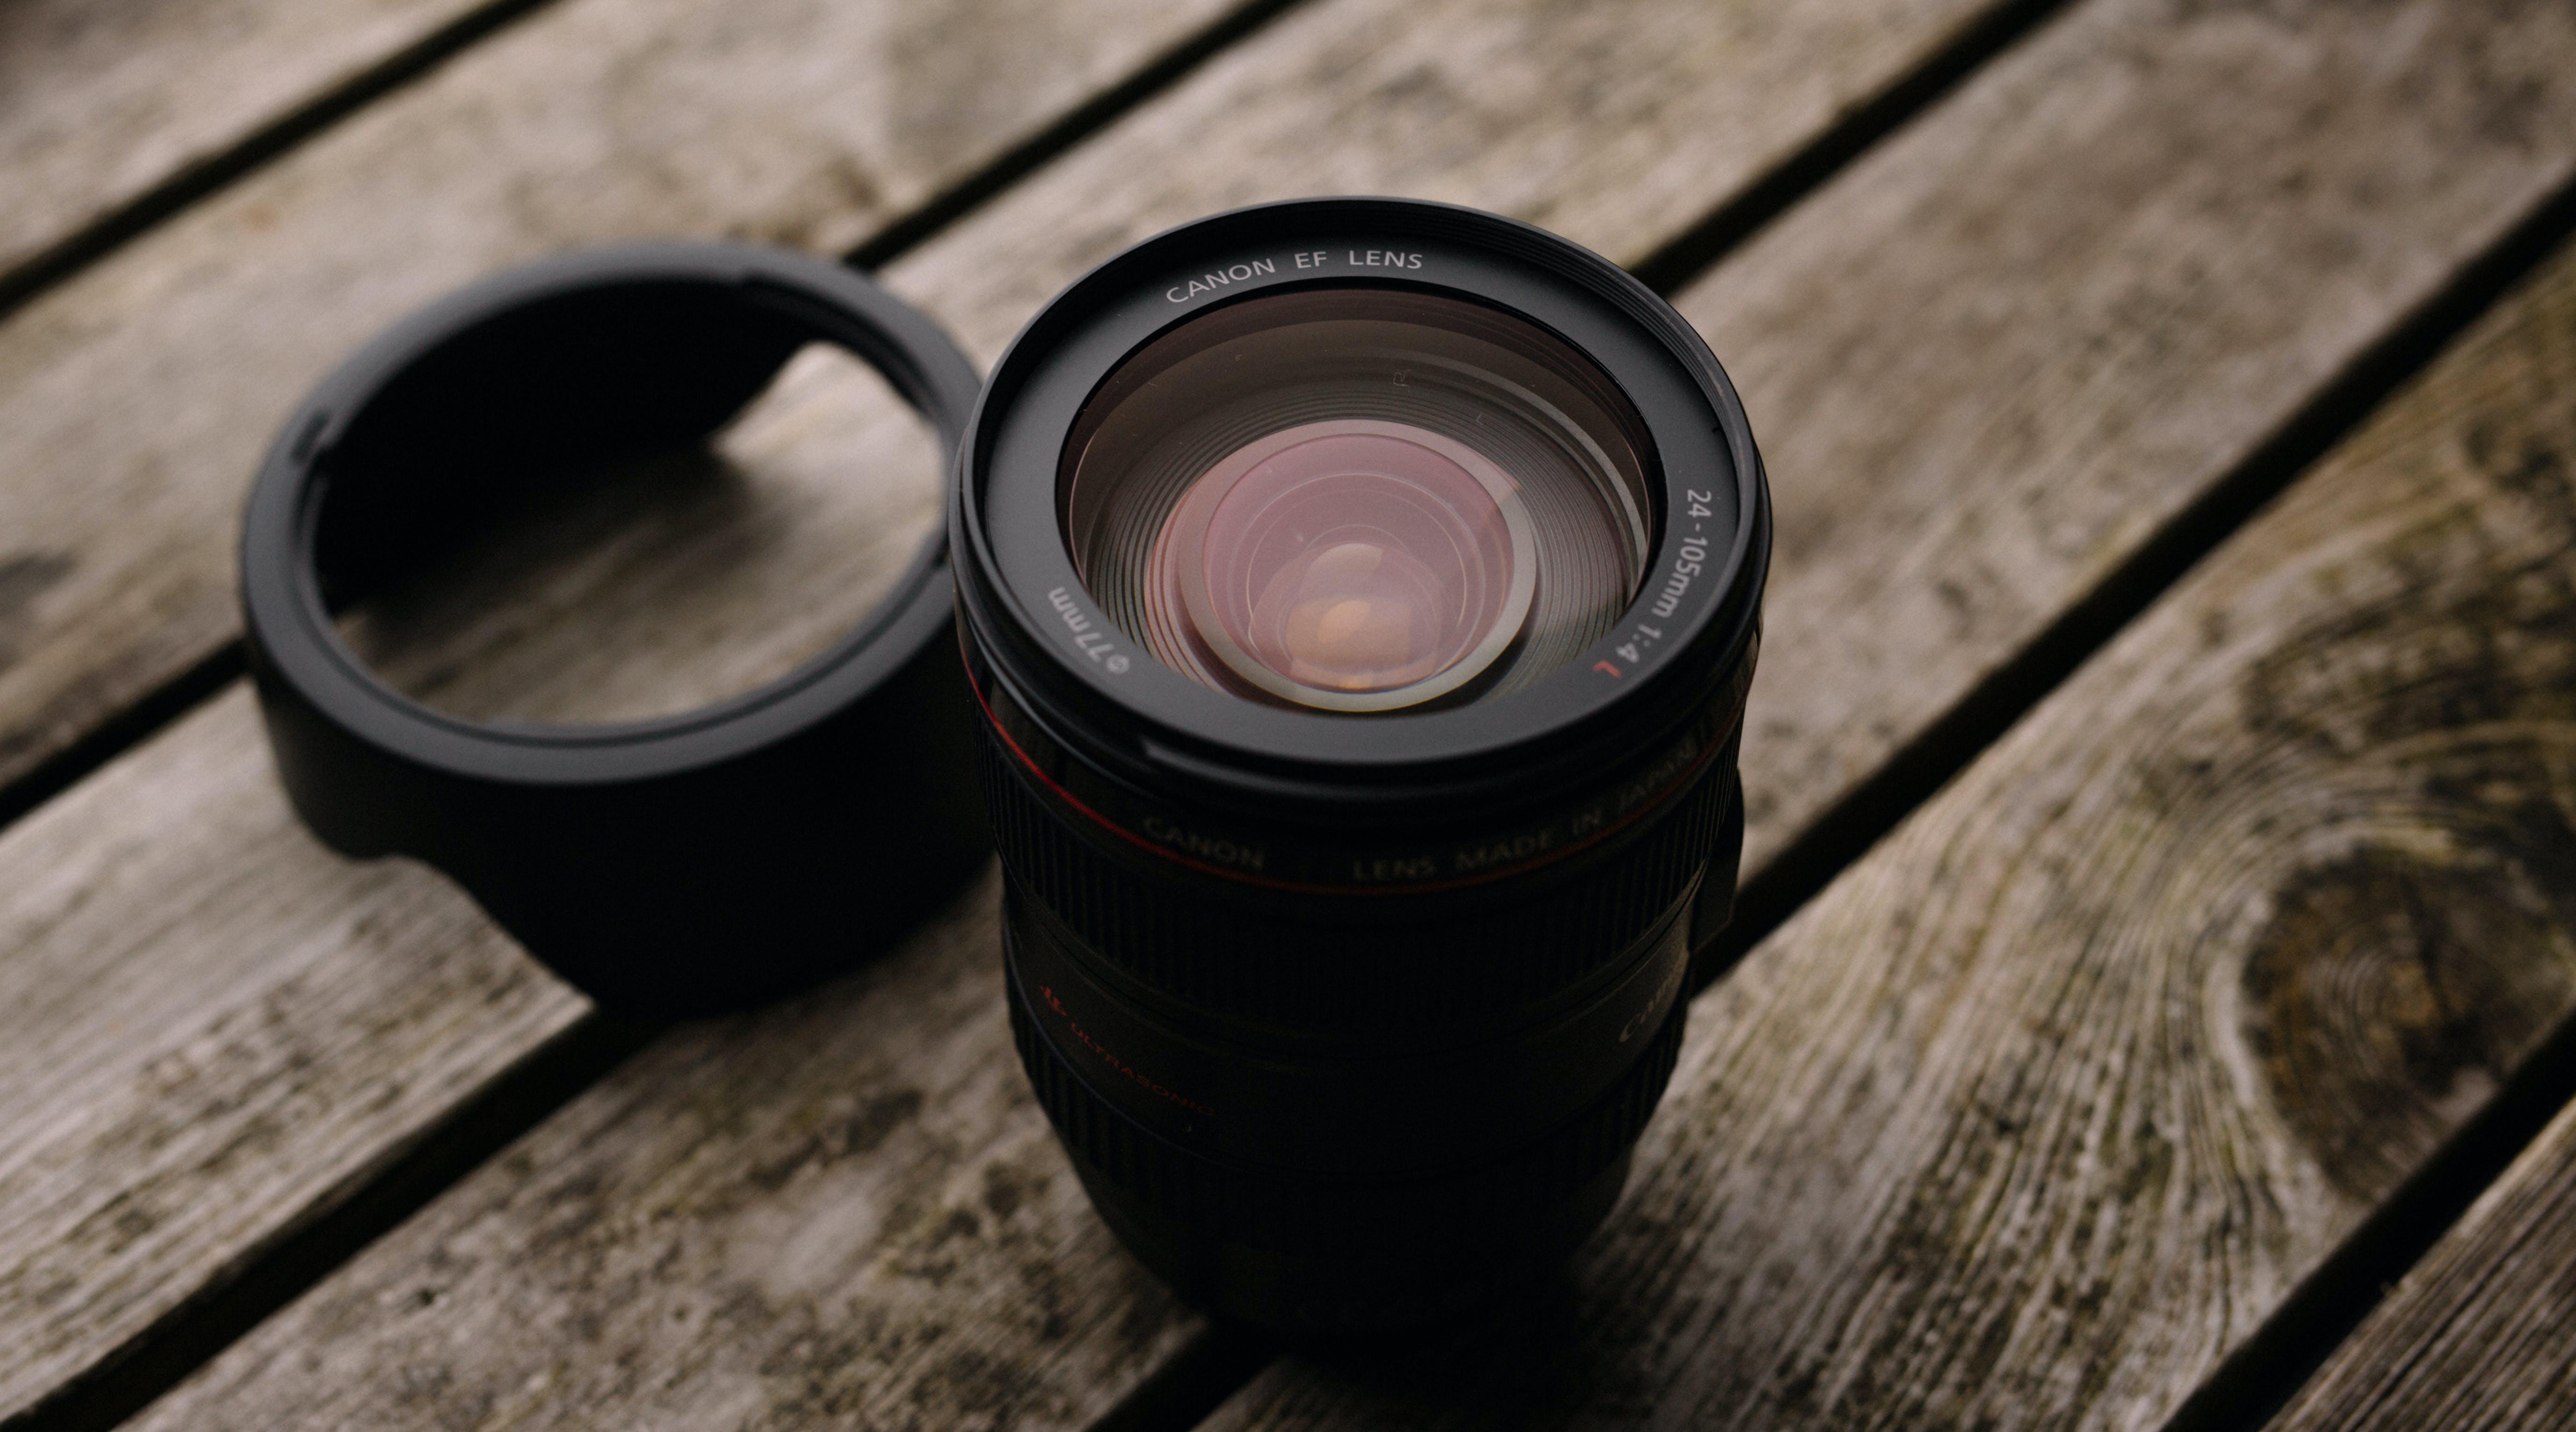 Black Dslr Camera Lens With Lid on Wooden Platform